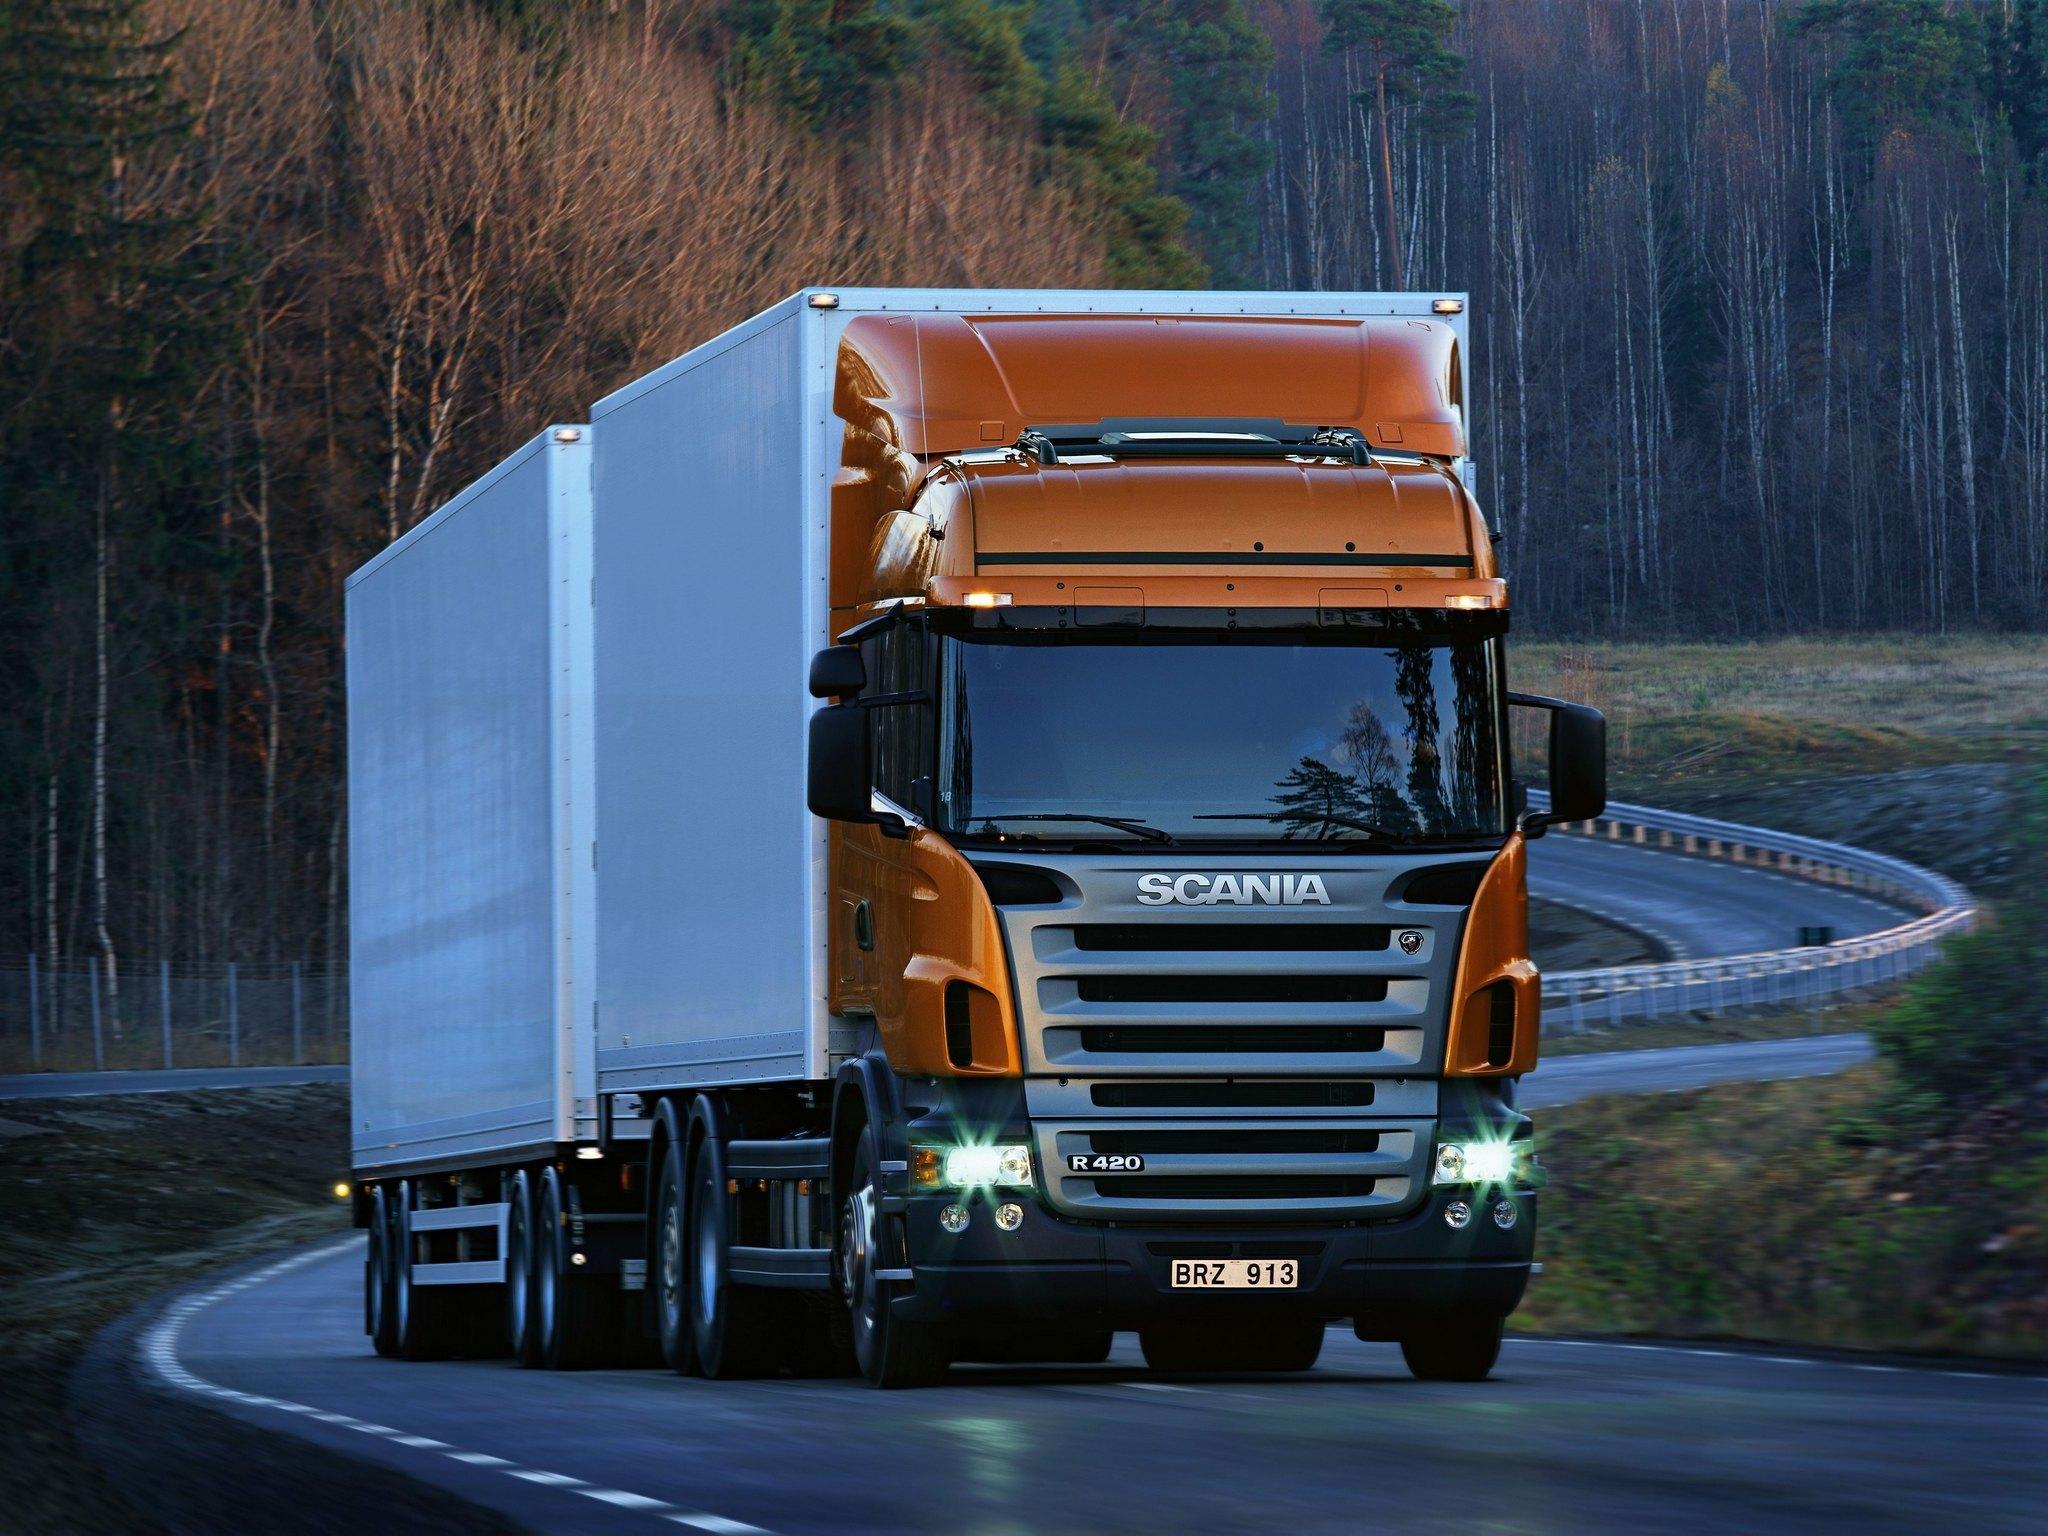 как грузовики фото высокого разрешения можно